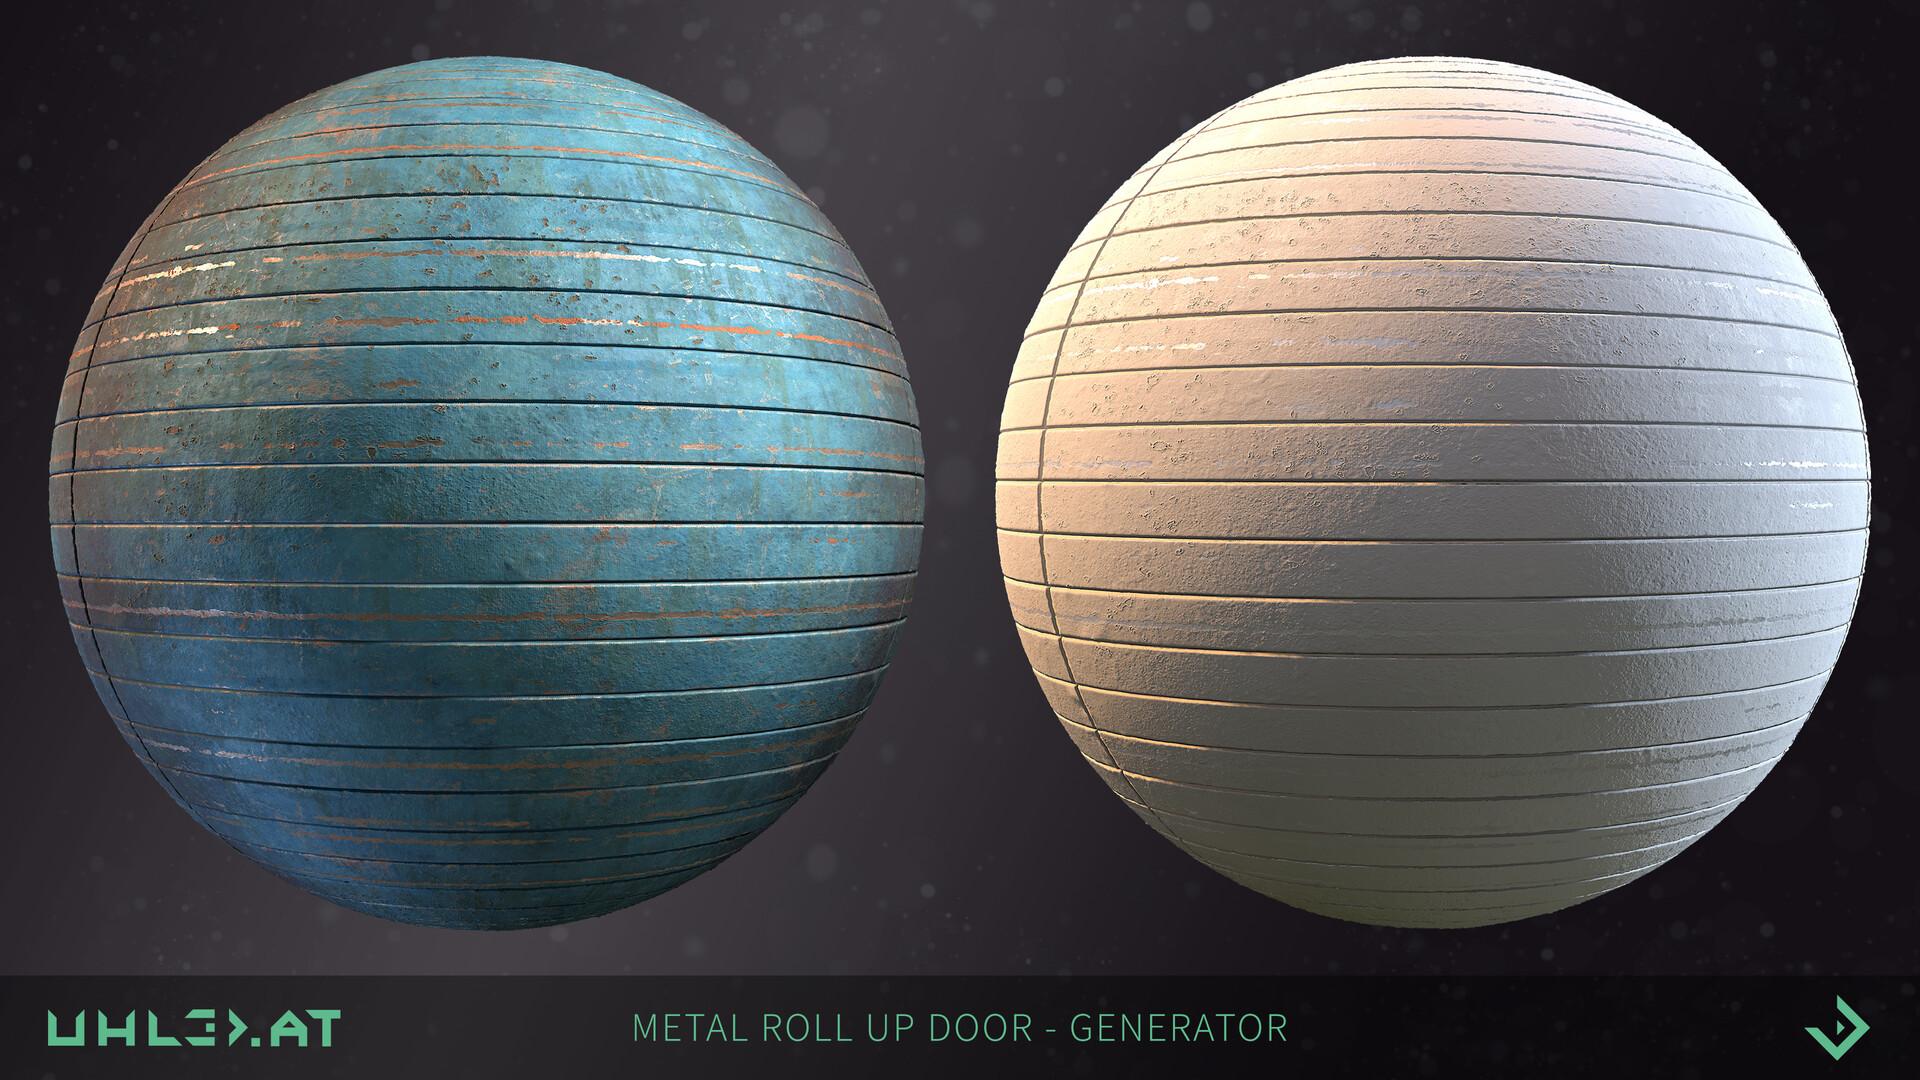 Dominik uhl metal rollup generator 04